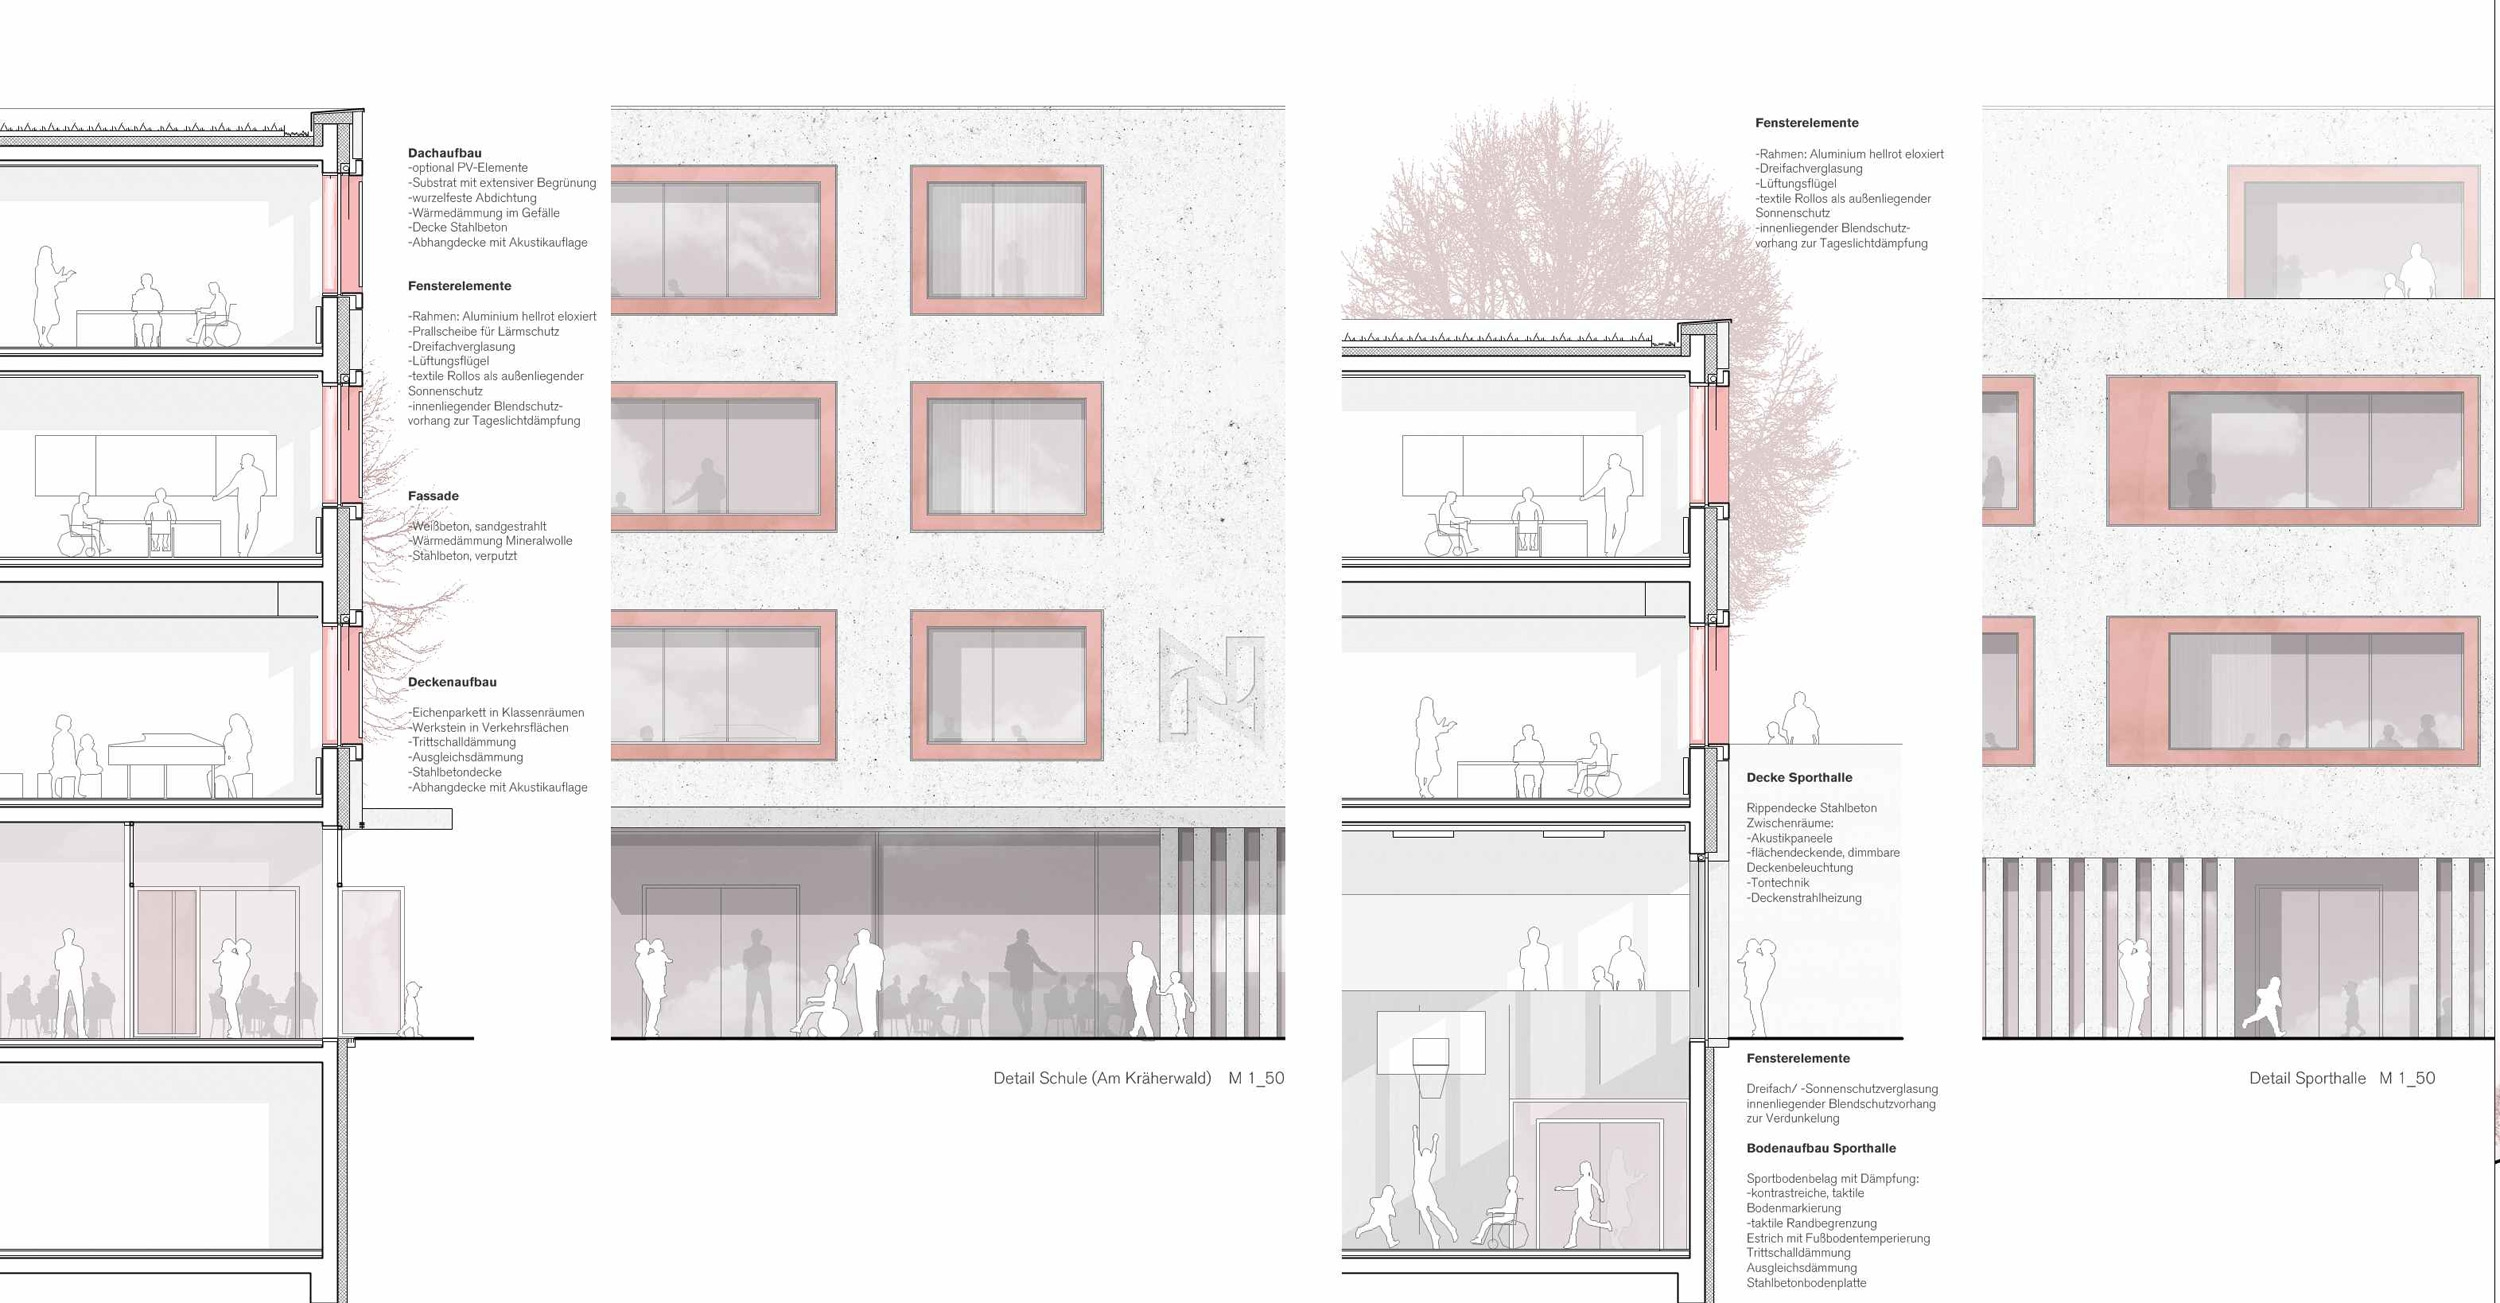 Ergebnis Neustrukturierung Campus Kraherwald Mit S Competitionline